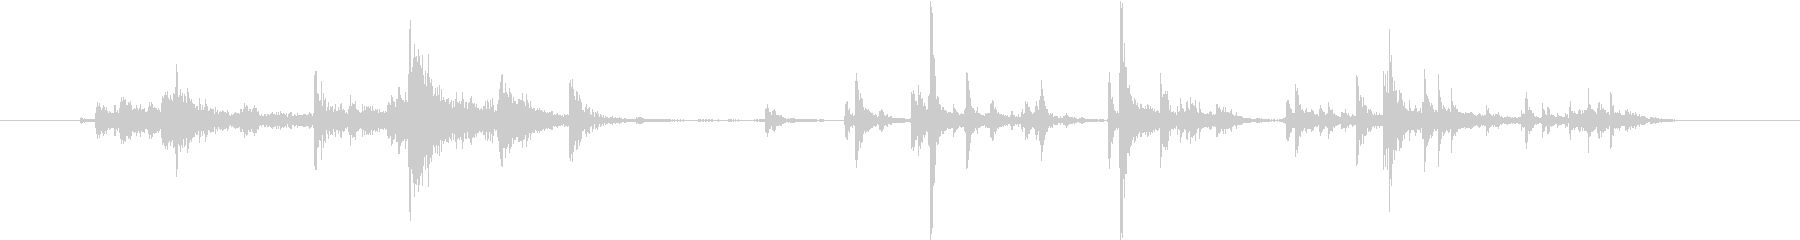 【生録音】自動販売機で飲み物を買う音の未再生の波形